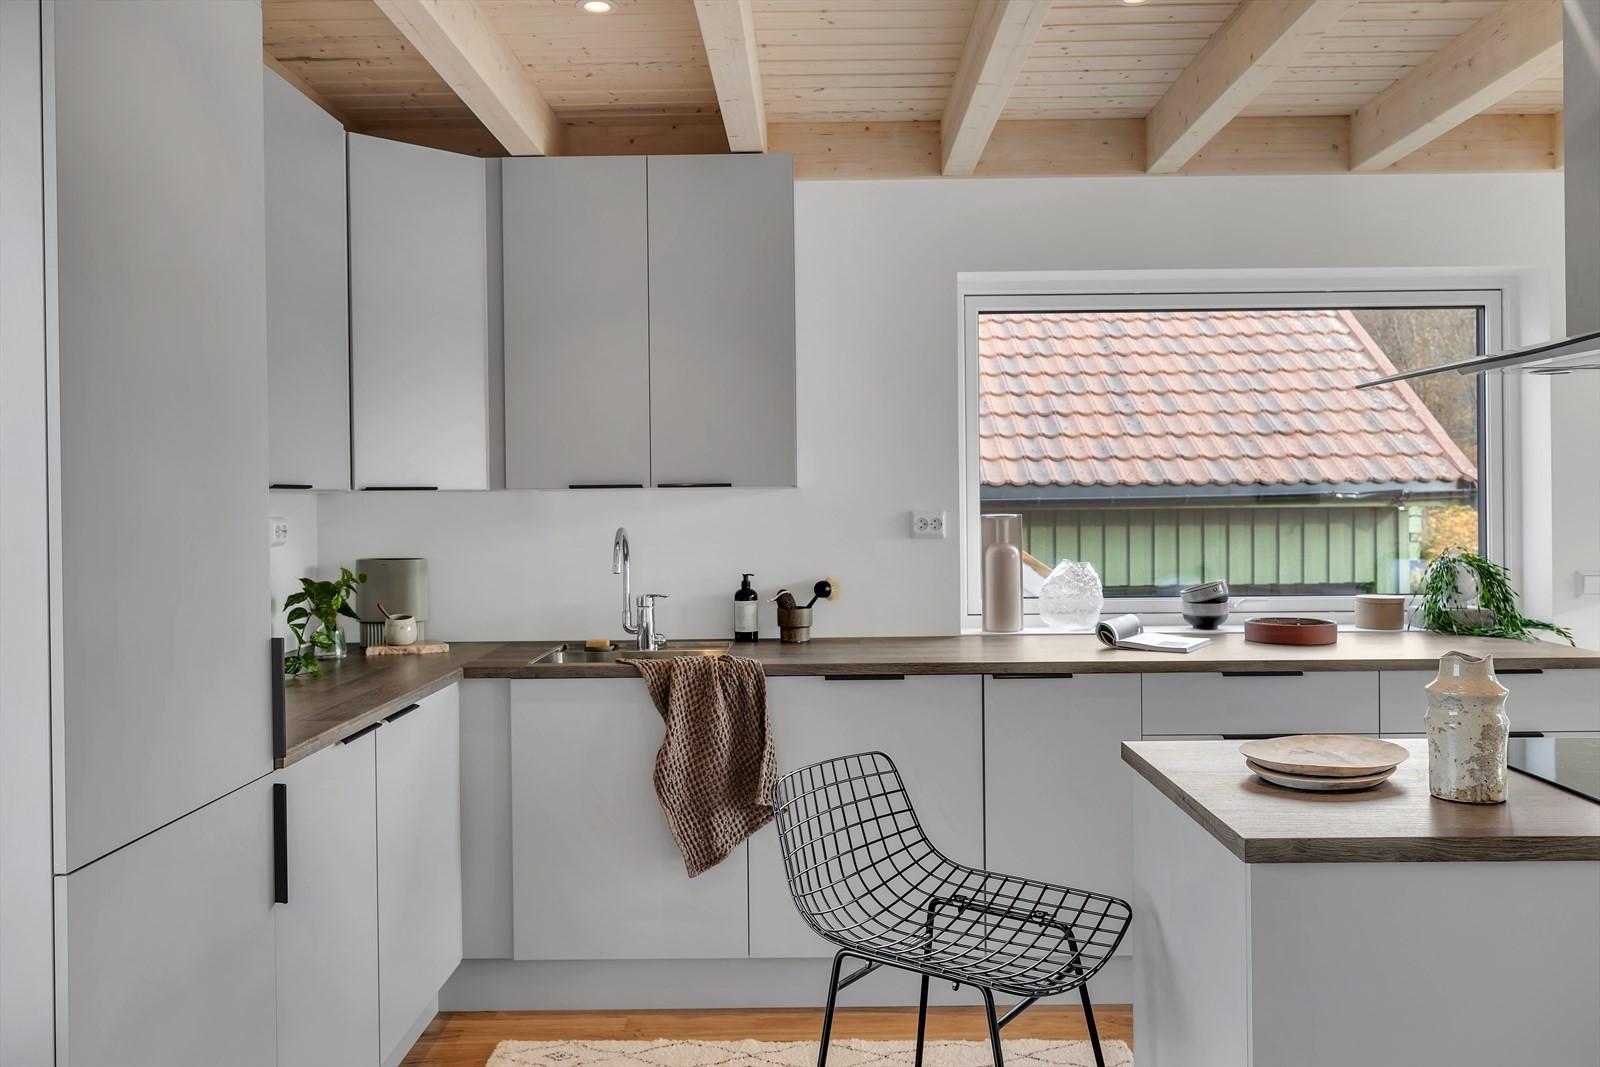 Kjøkkenet byr på integrerte hvitevarer